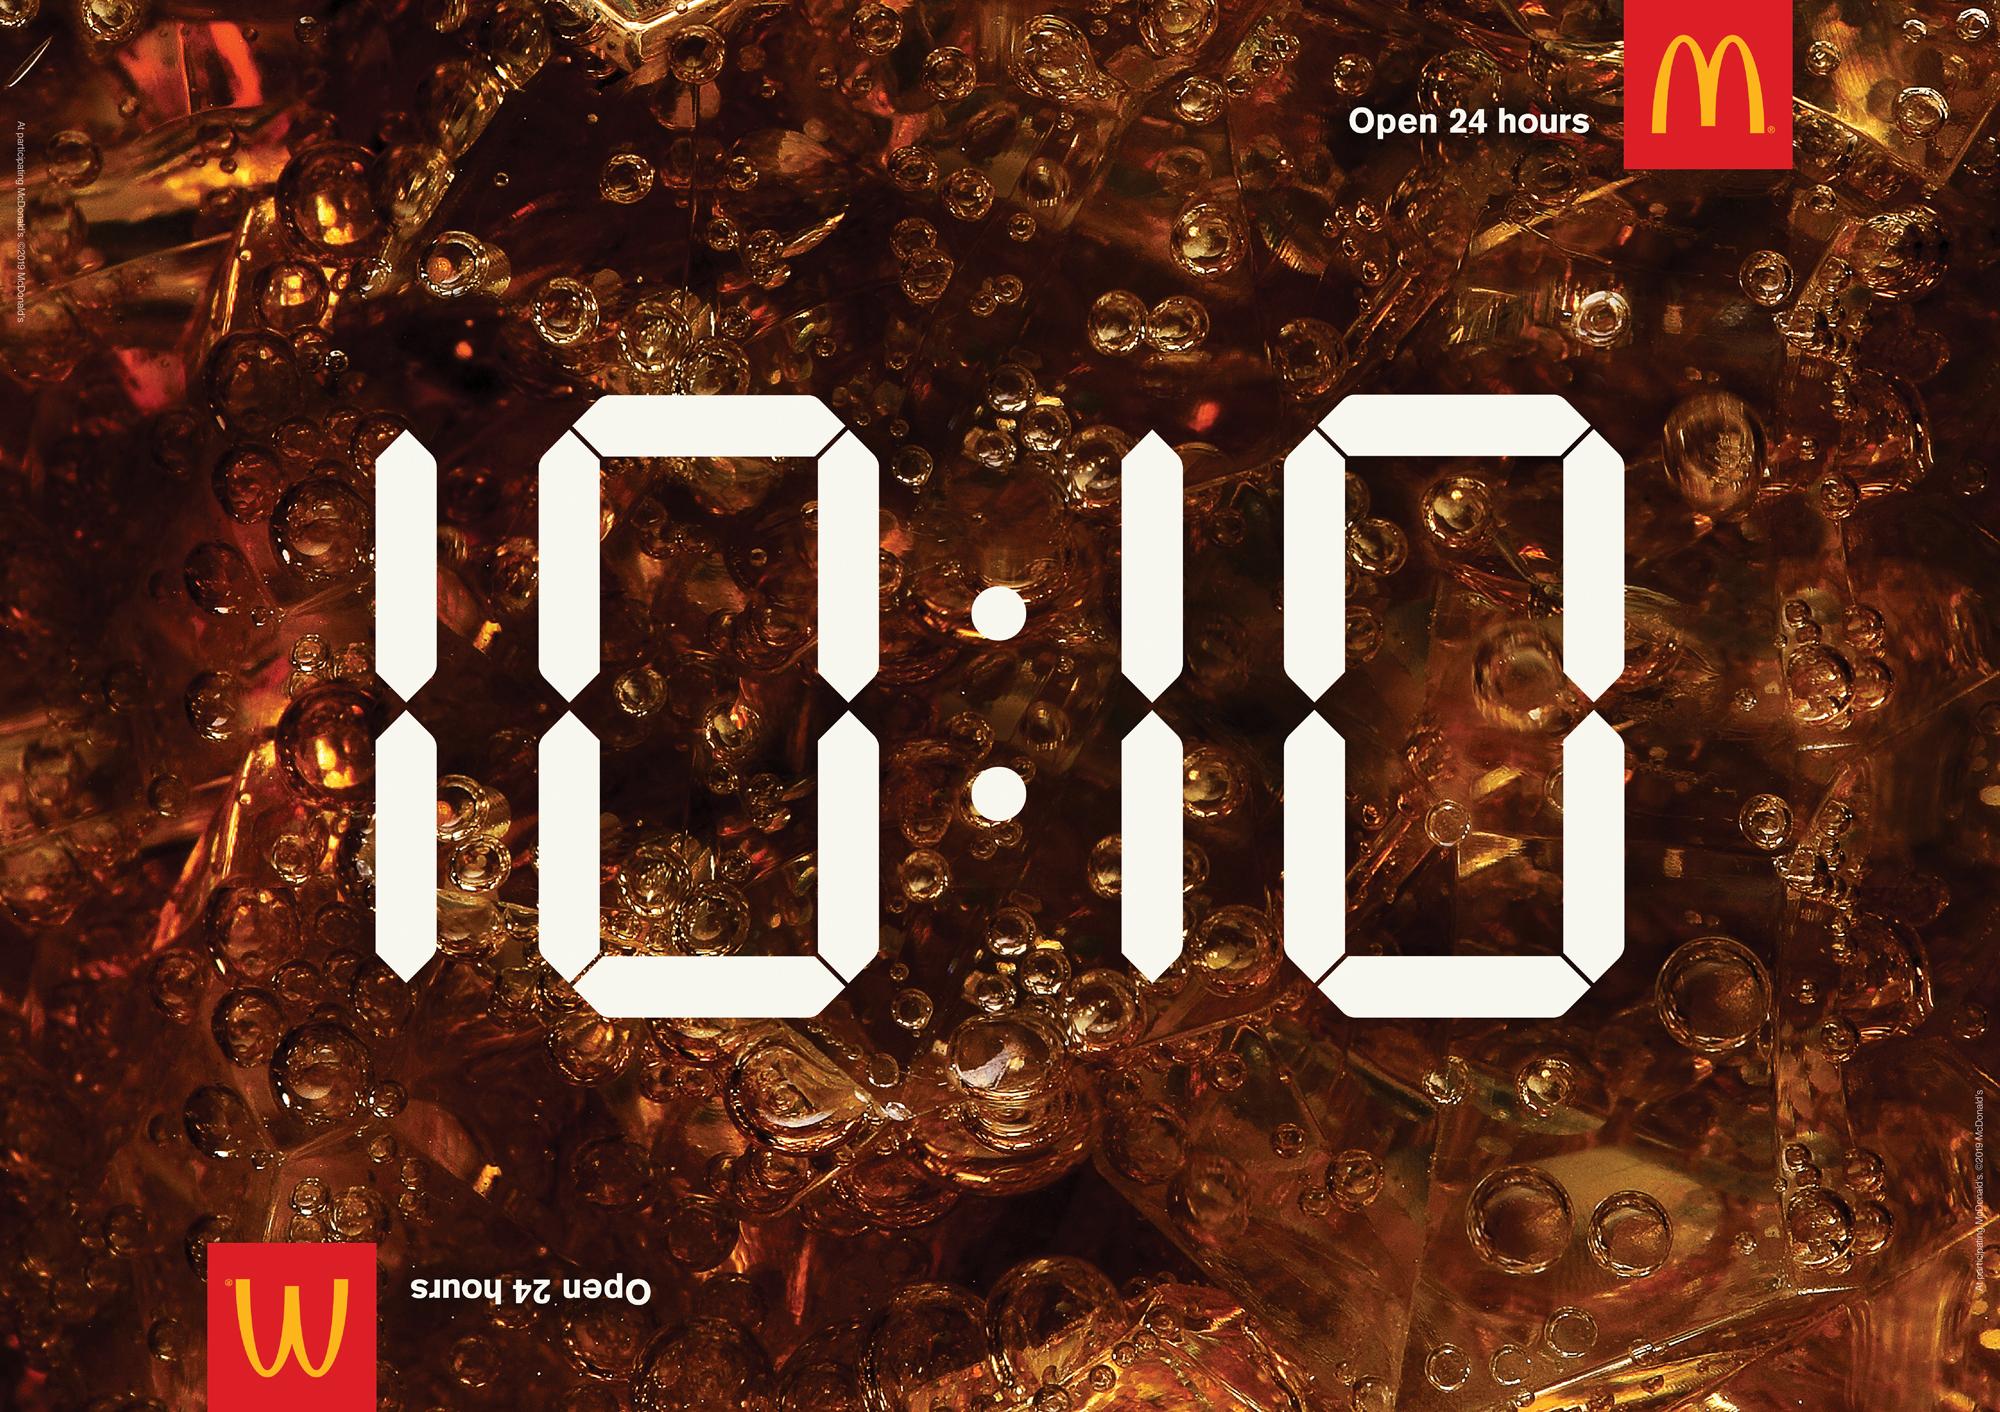 24HoursOpen_CocaCola